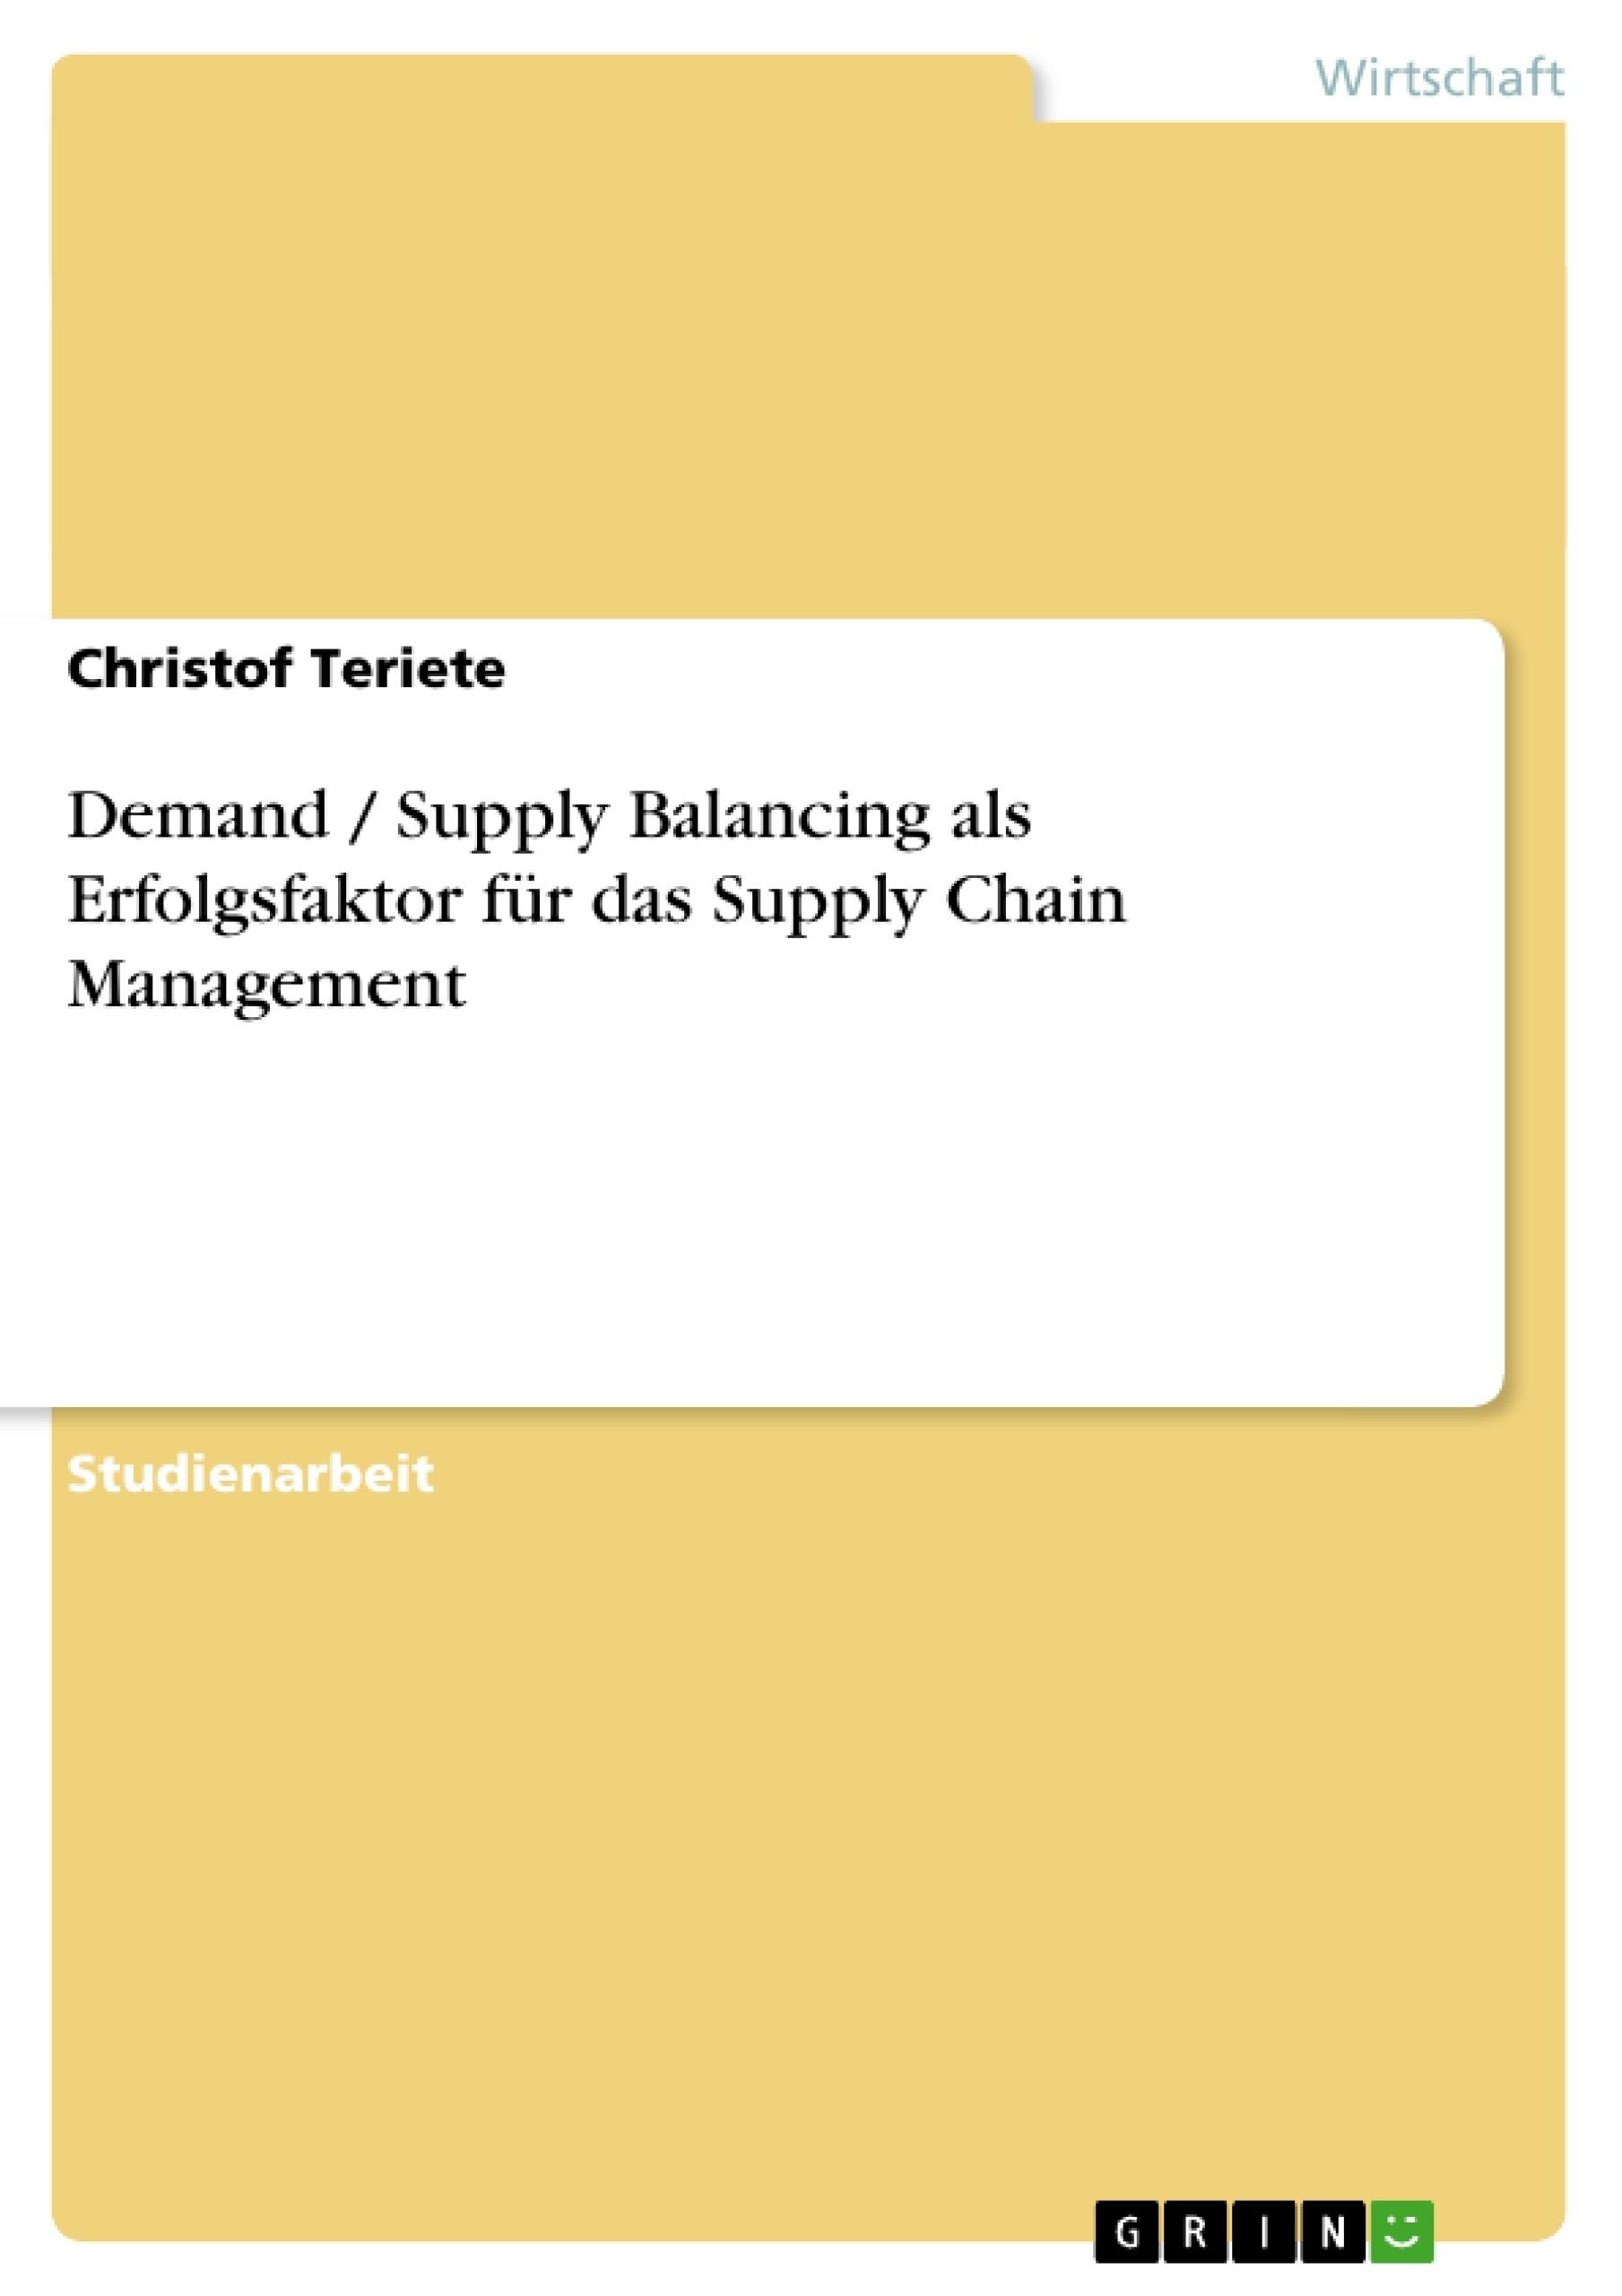 Titel: Demand / Supply Balancing als Erfolgsfaktor für das Supply Chain Management